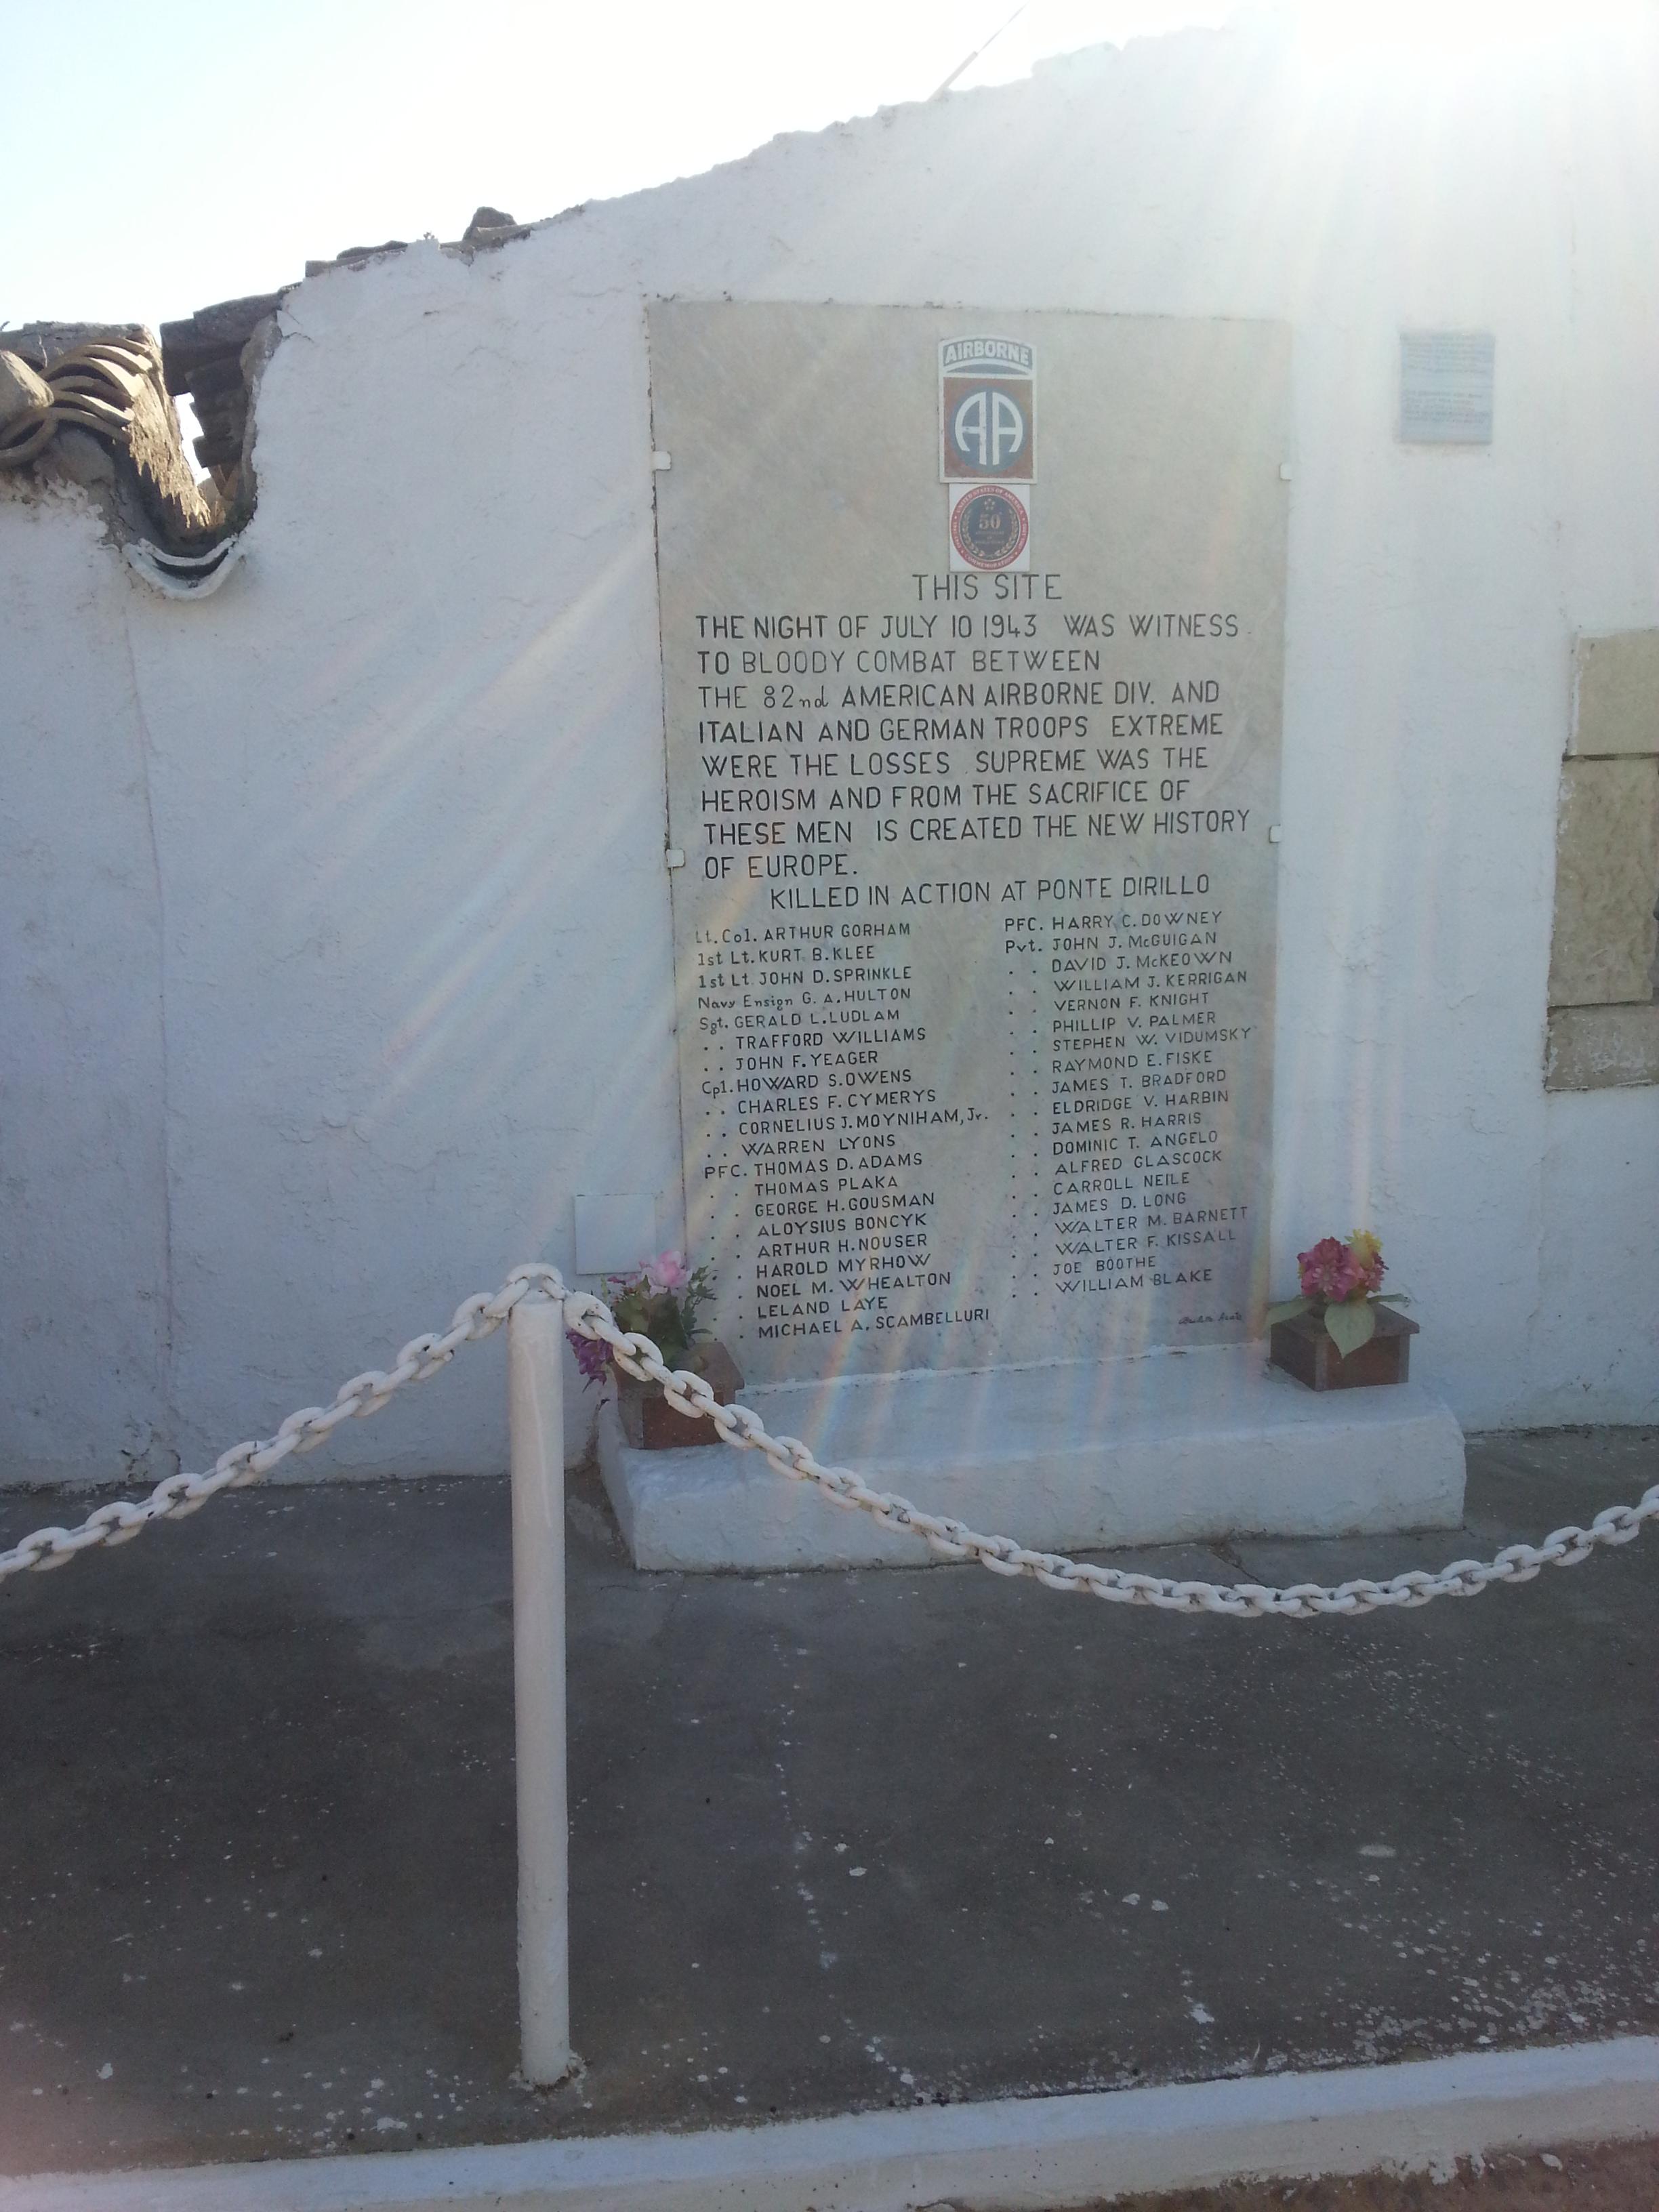 Lapide commemorativa dedicata ai militari anglo-americani